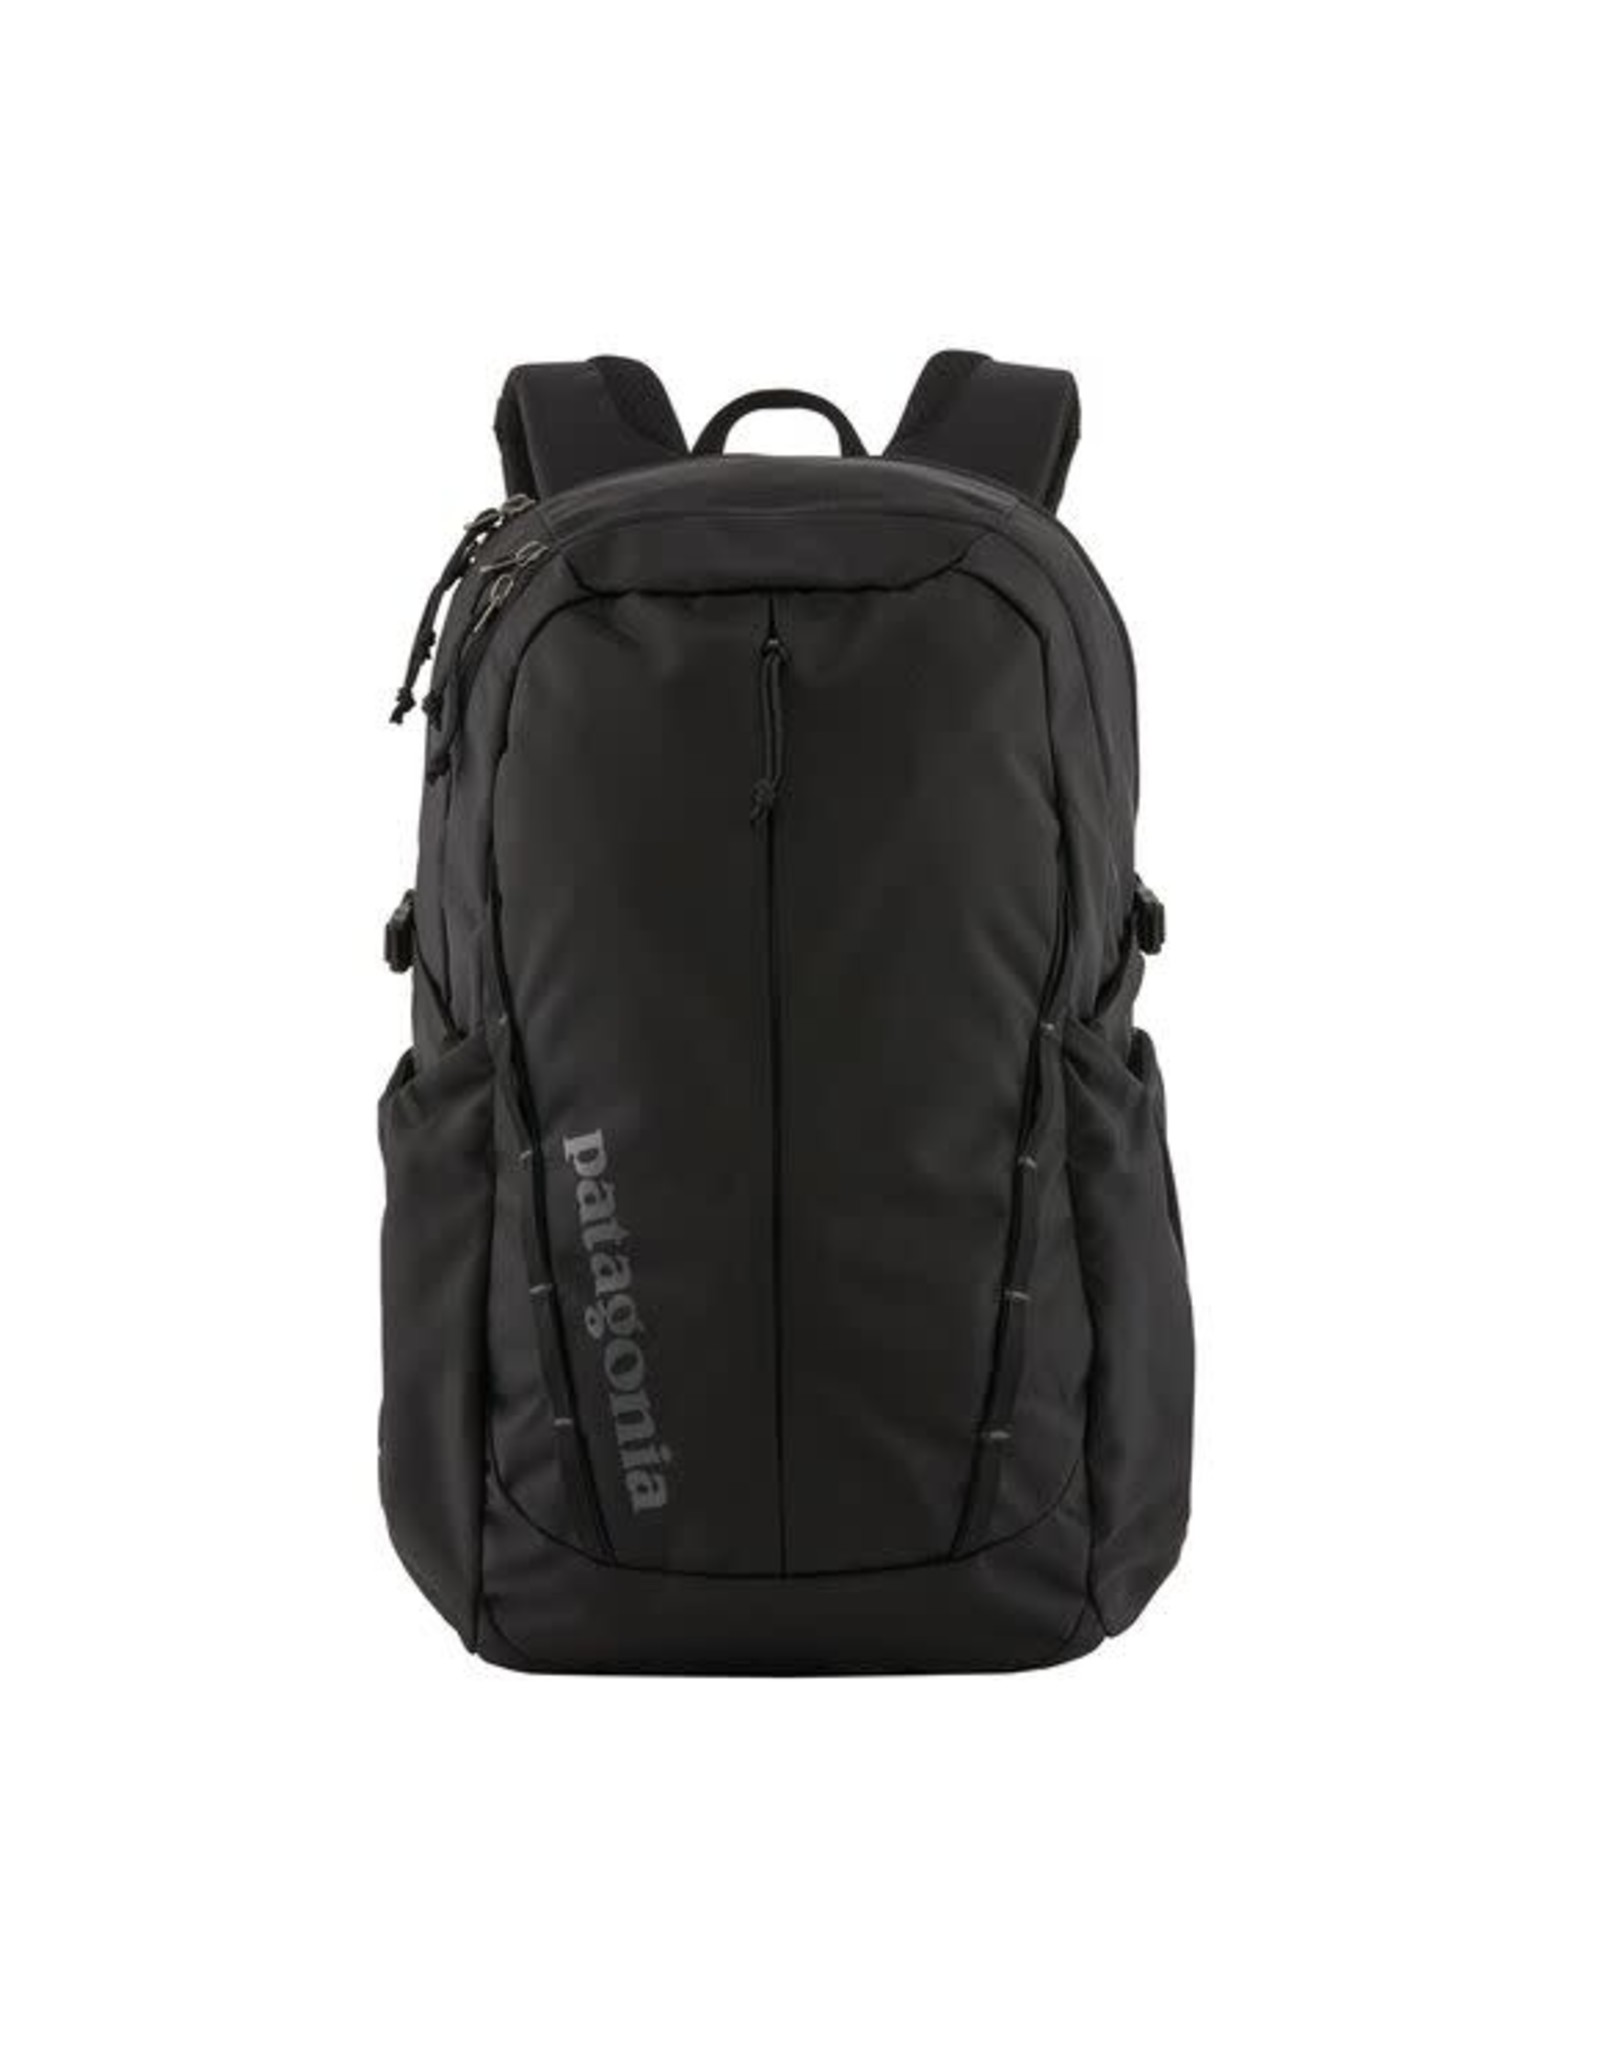 Patagonia W's Refugio Pack 26L Black